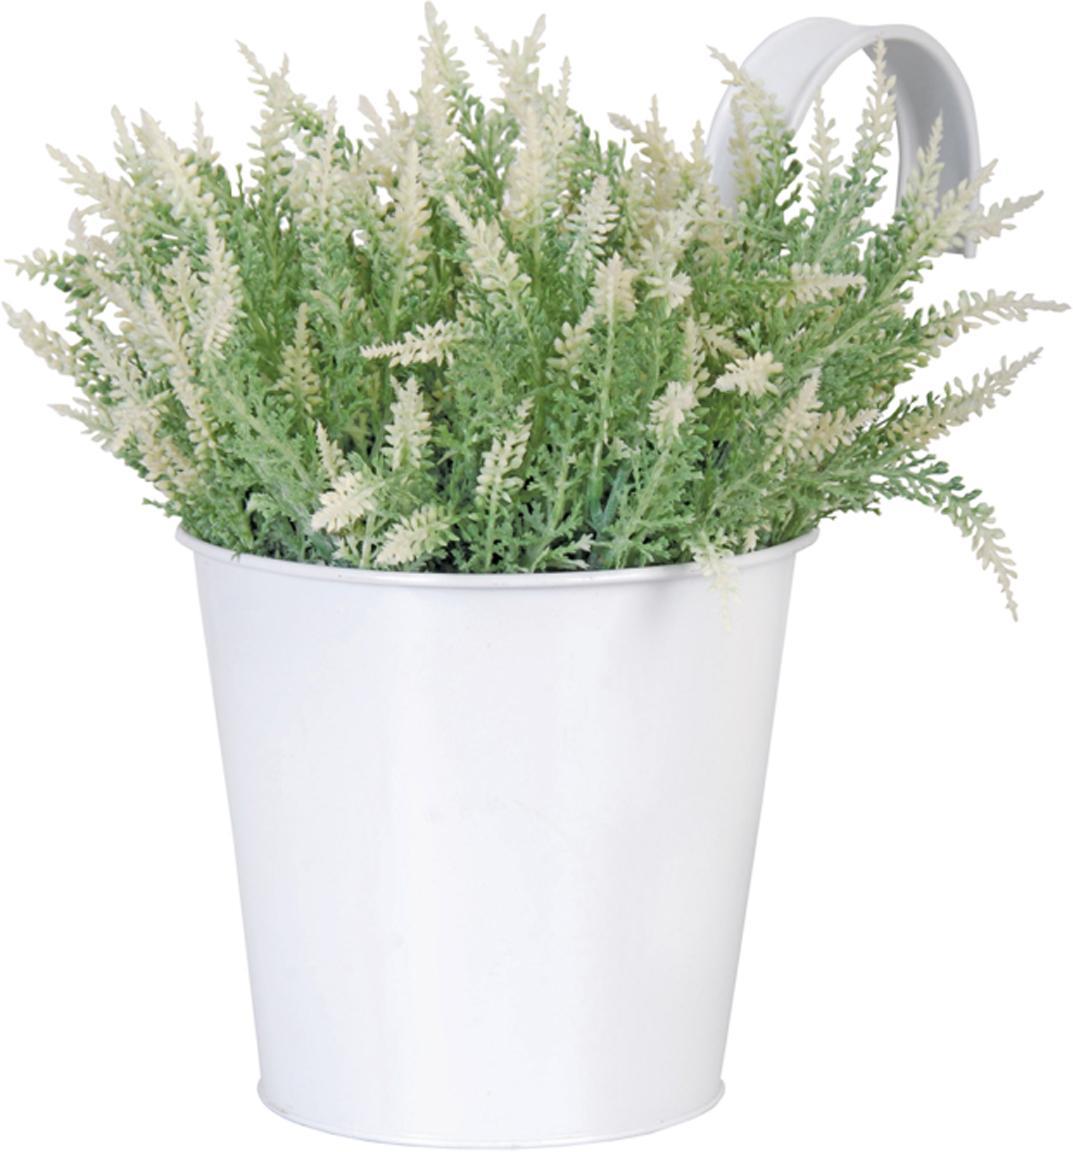 Plantenpot met haak Larissa, Metaal, Wit, 16 x 22 cm